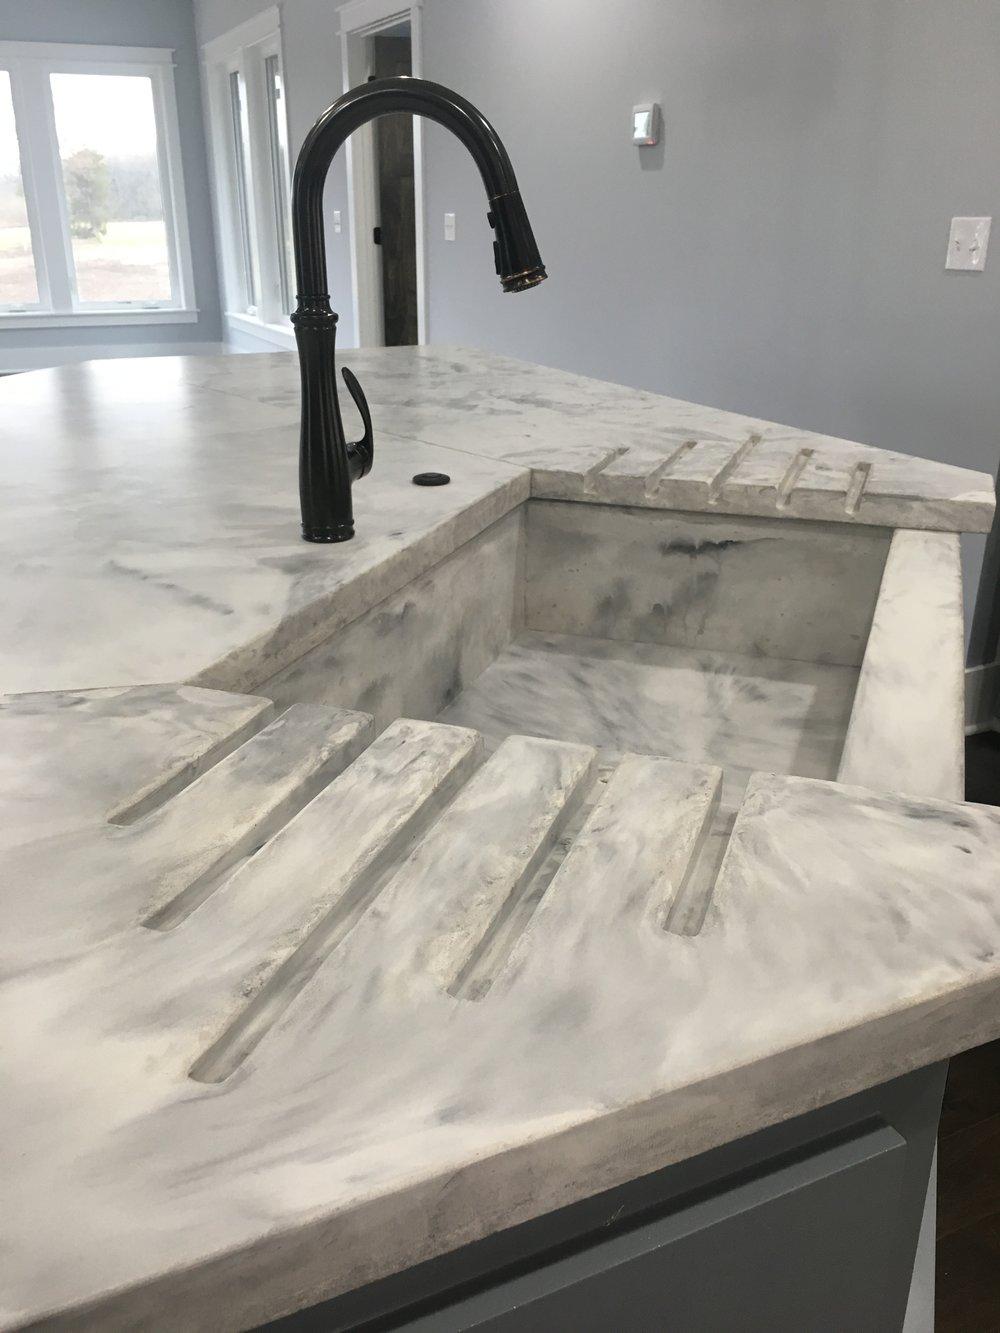 Averio Designs Concrete By Design